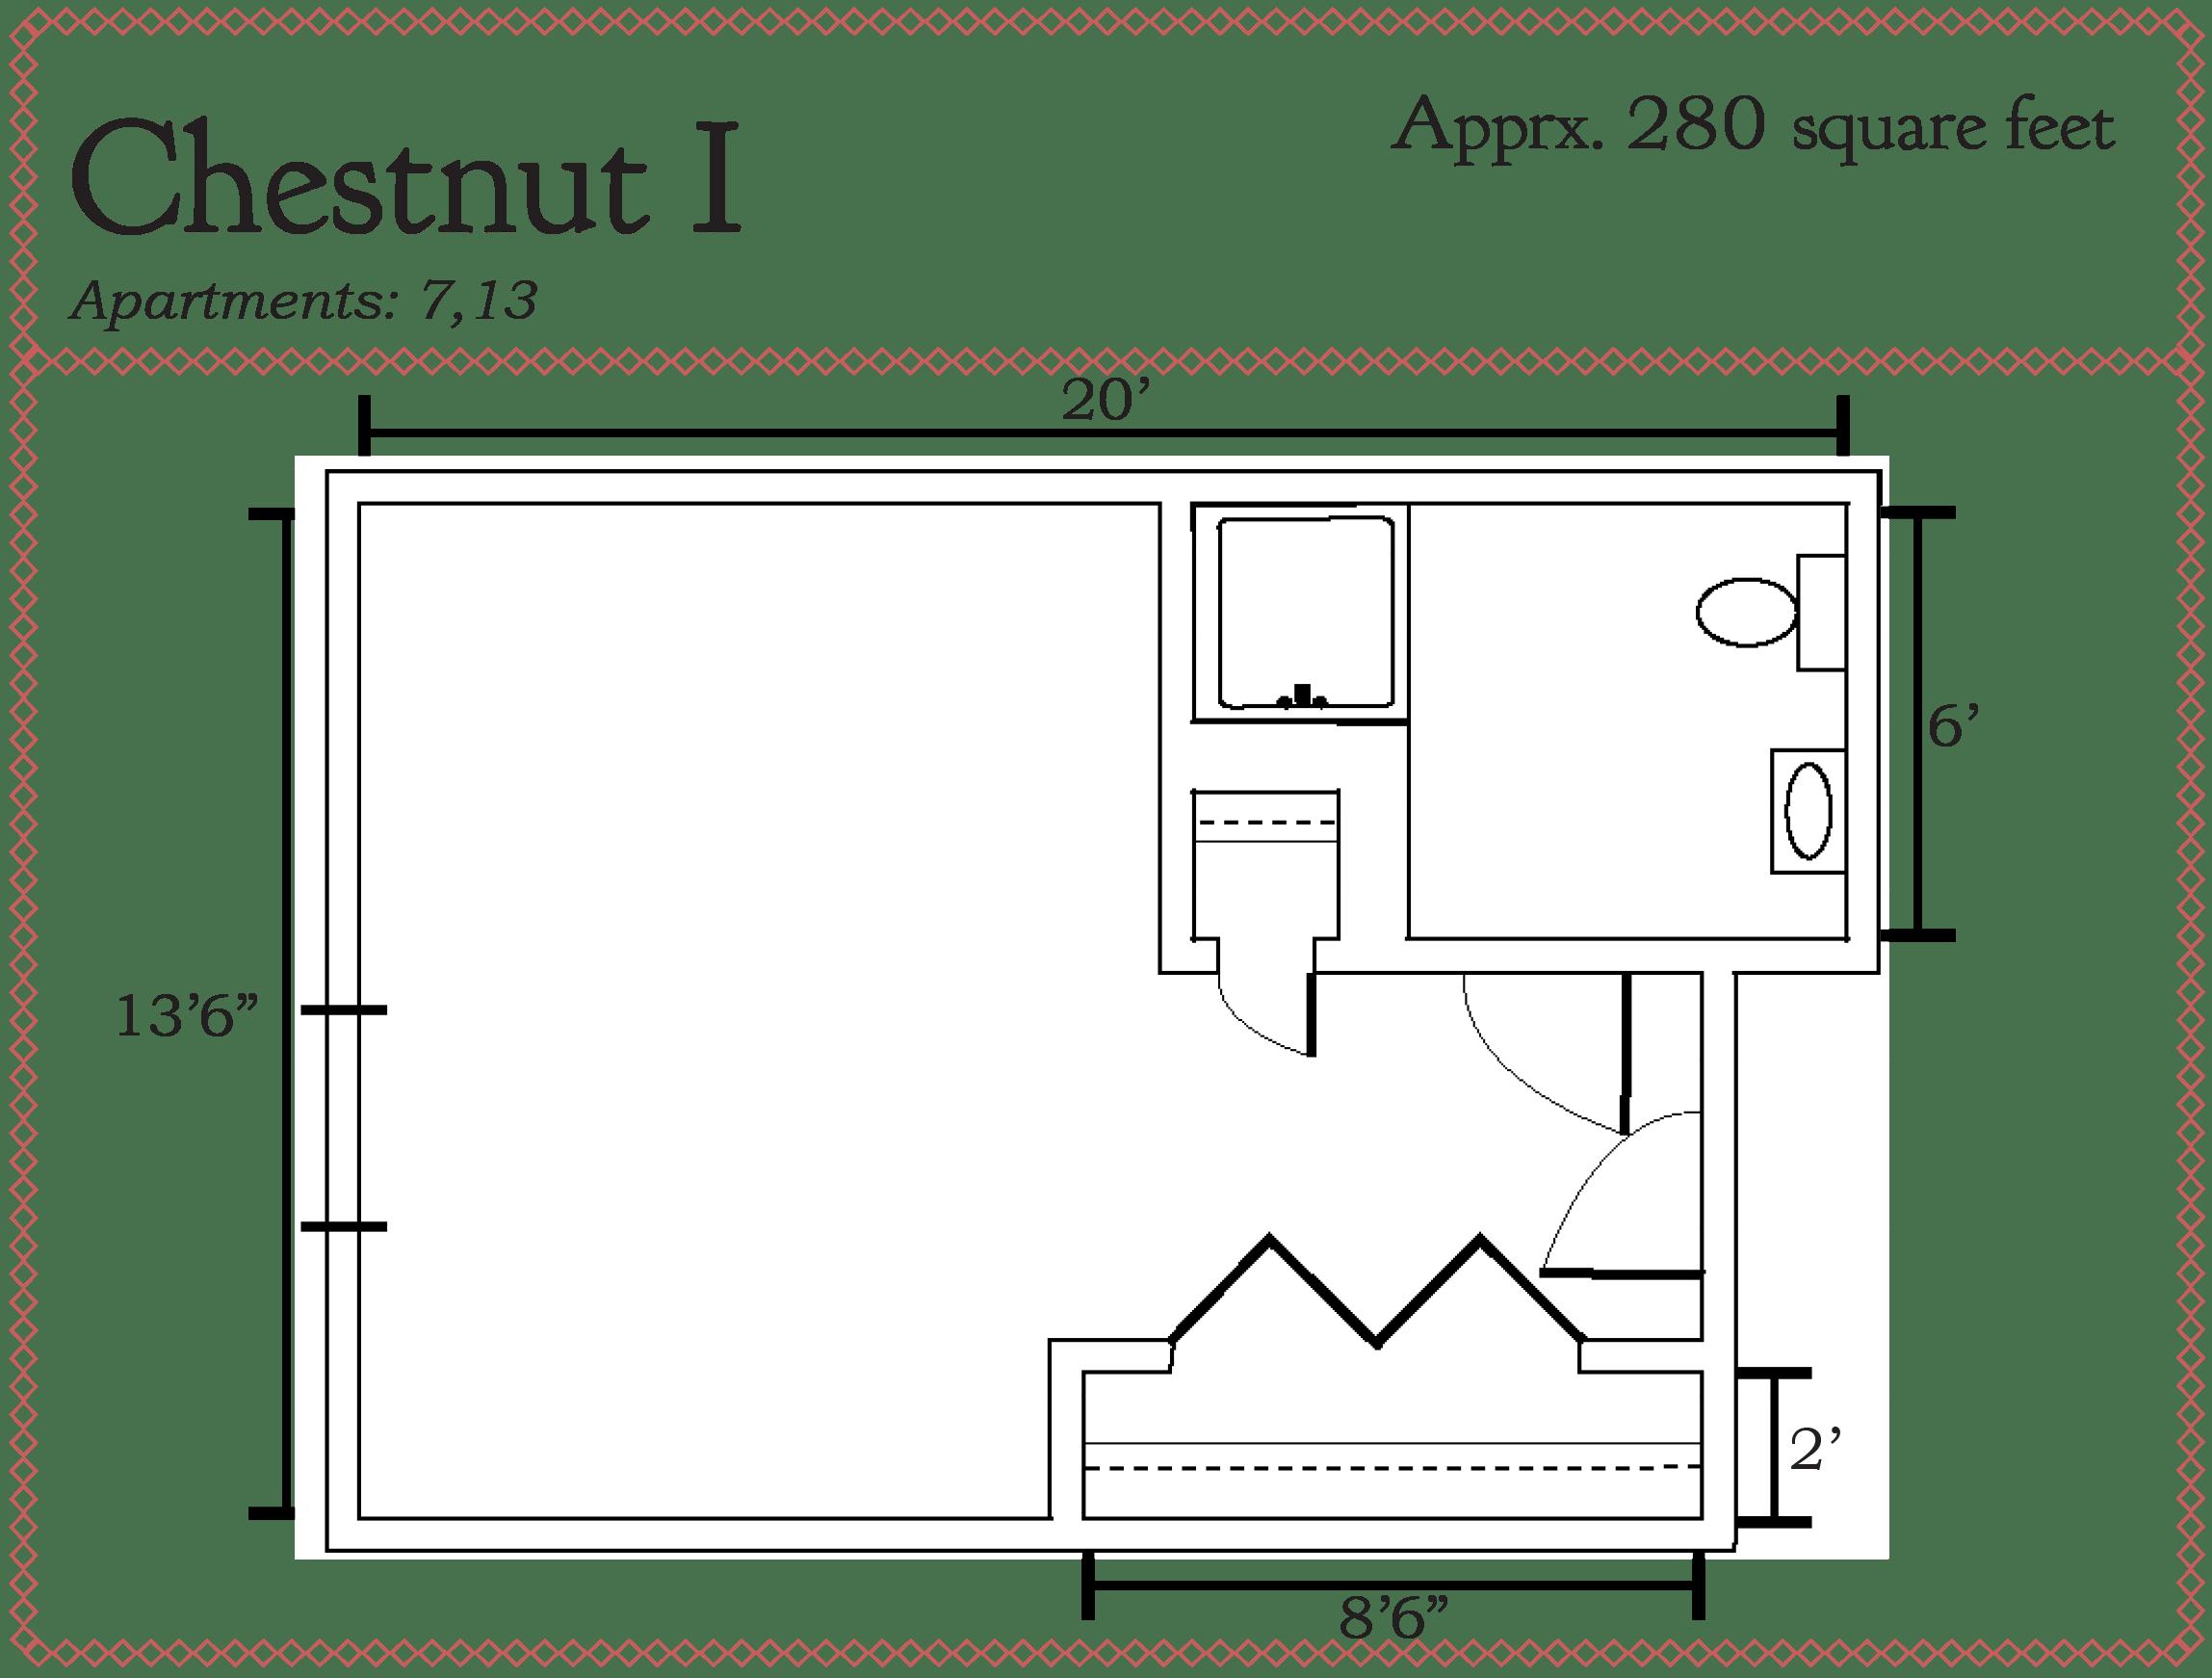 Chestnut I